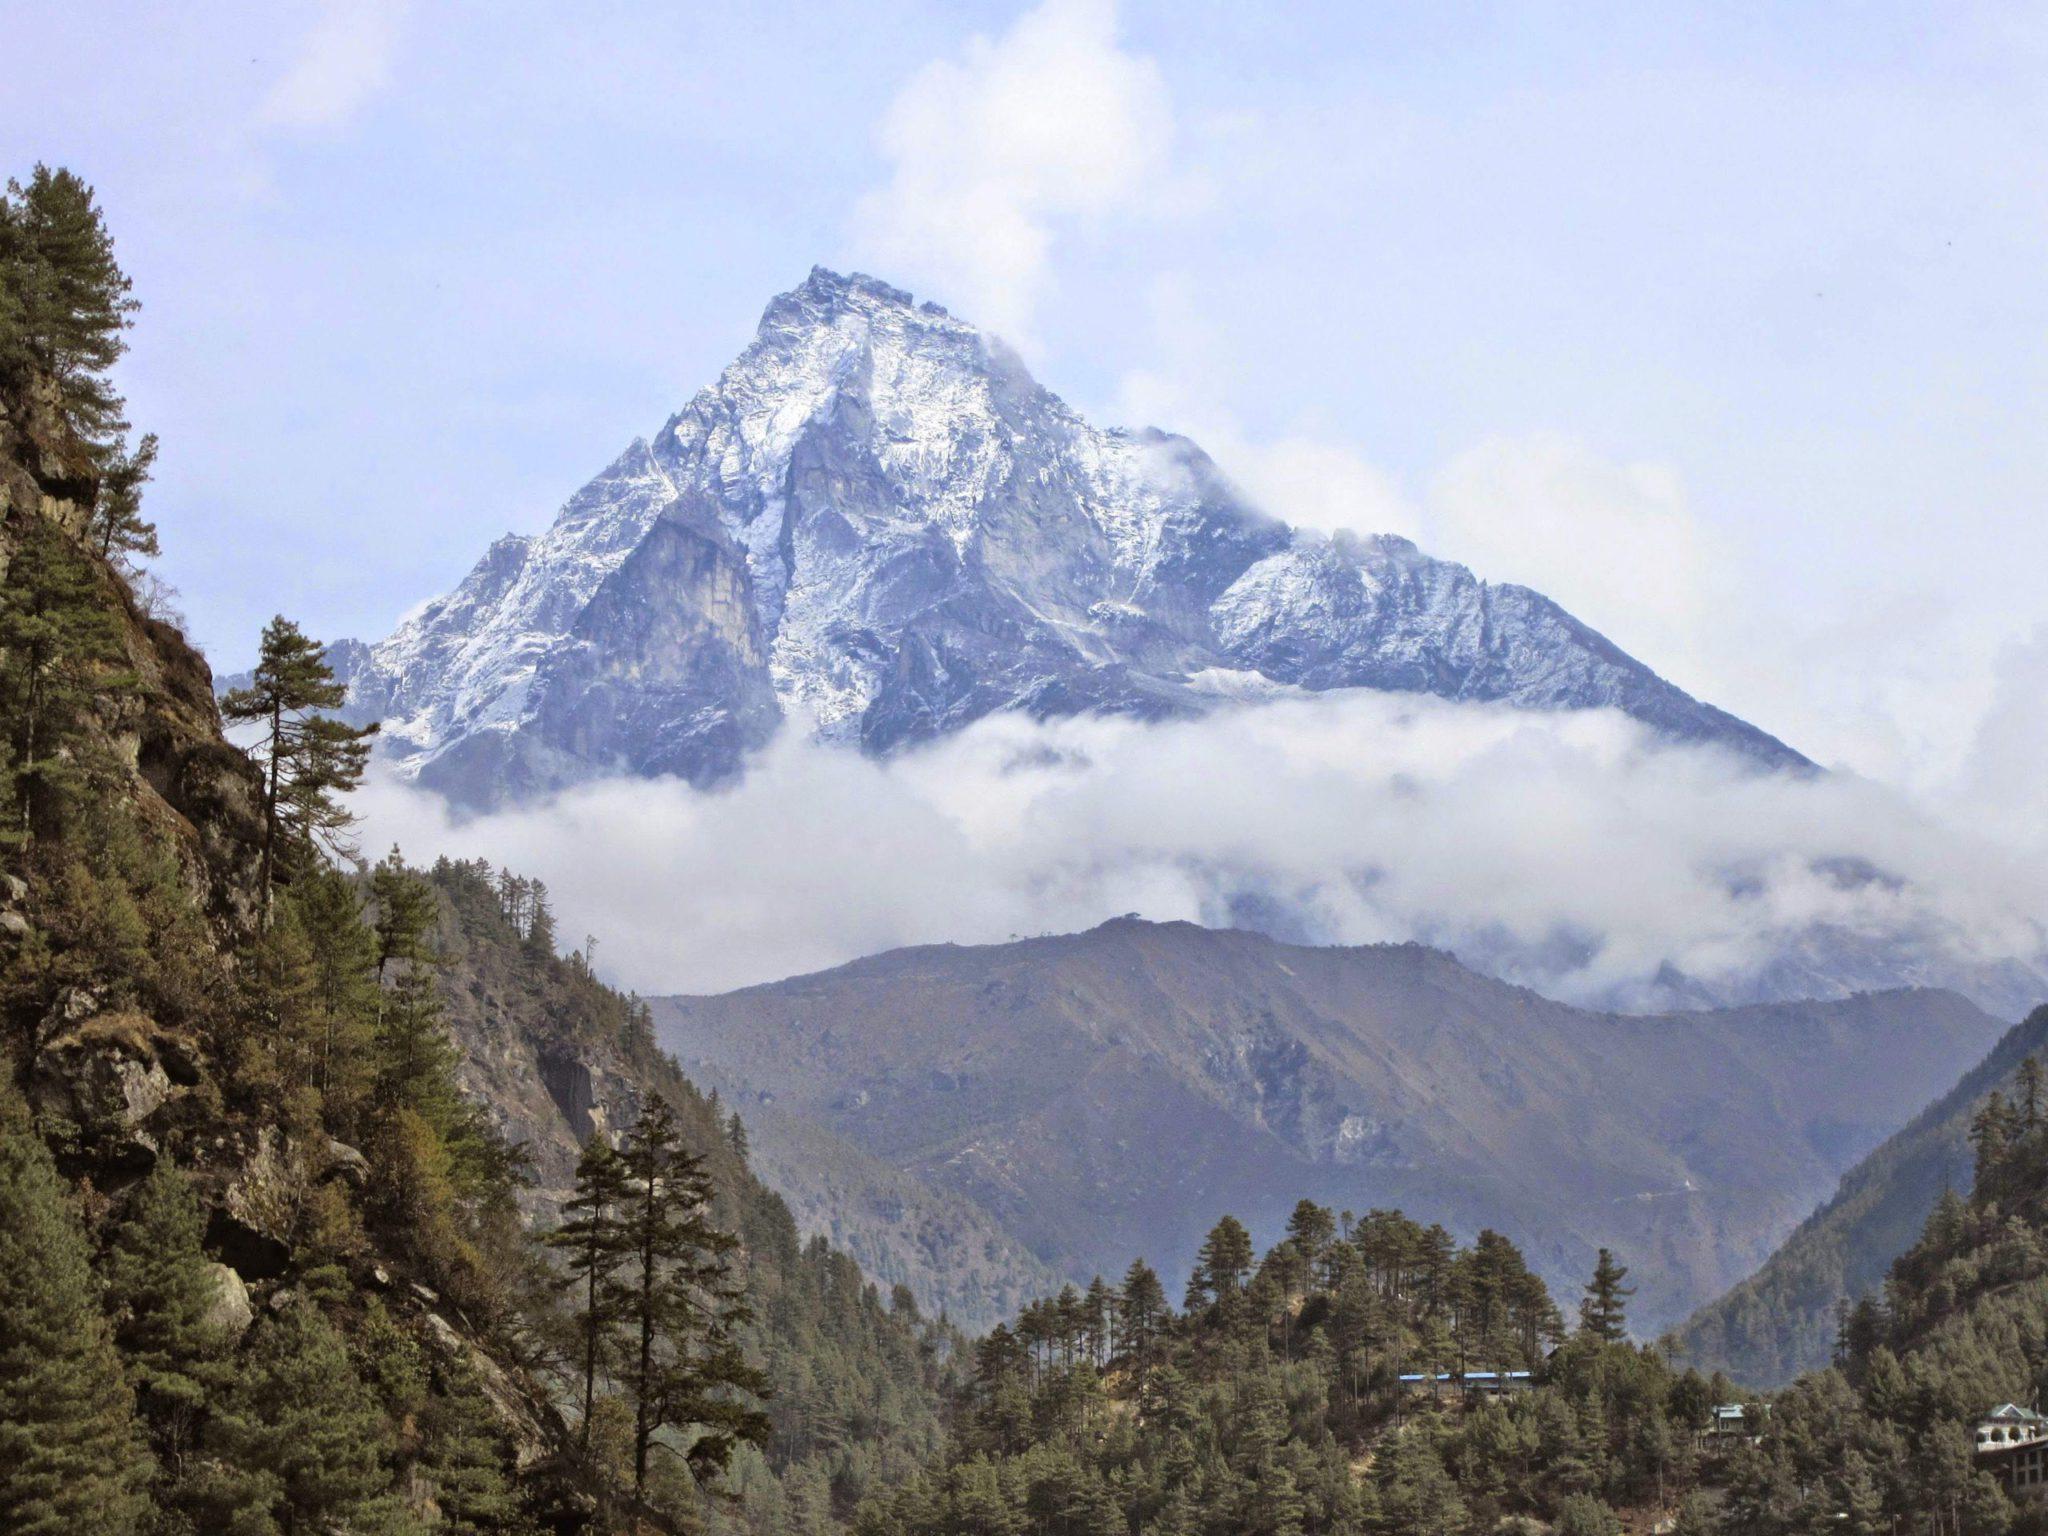 11 Day Everest Trekking Off the Beaten Path Wellness Tour